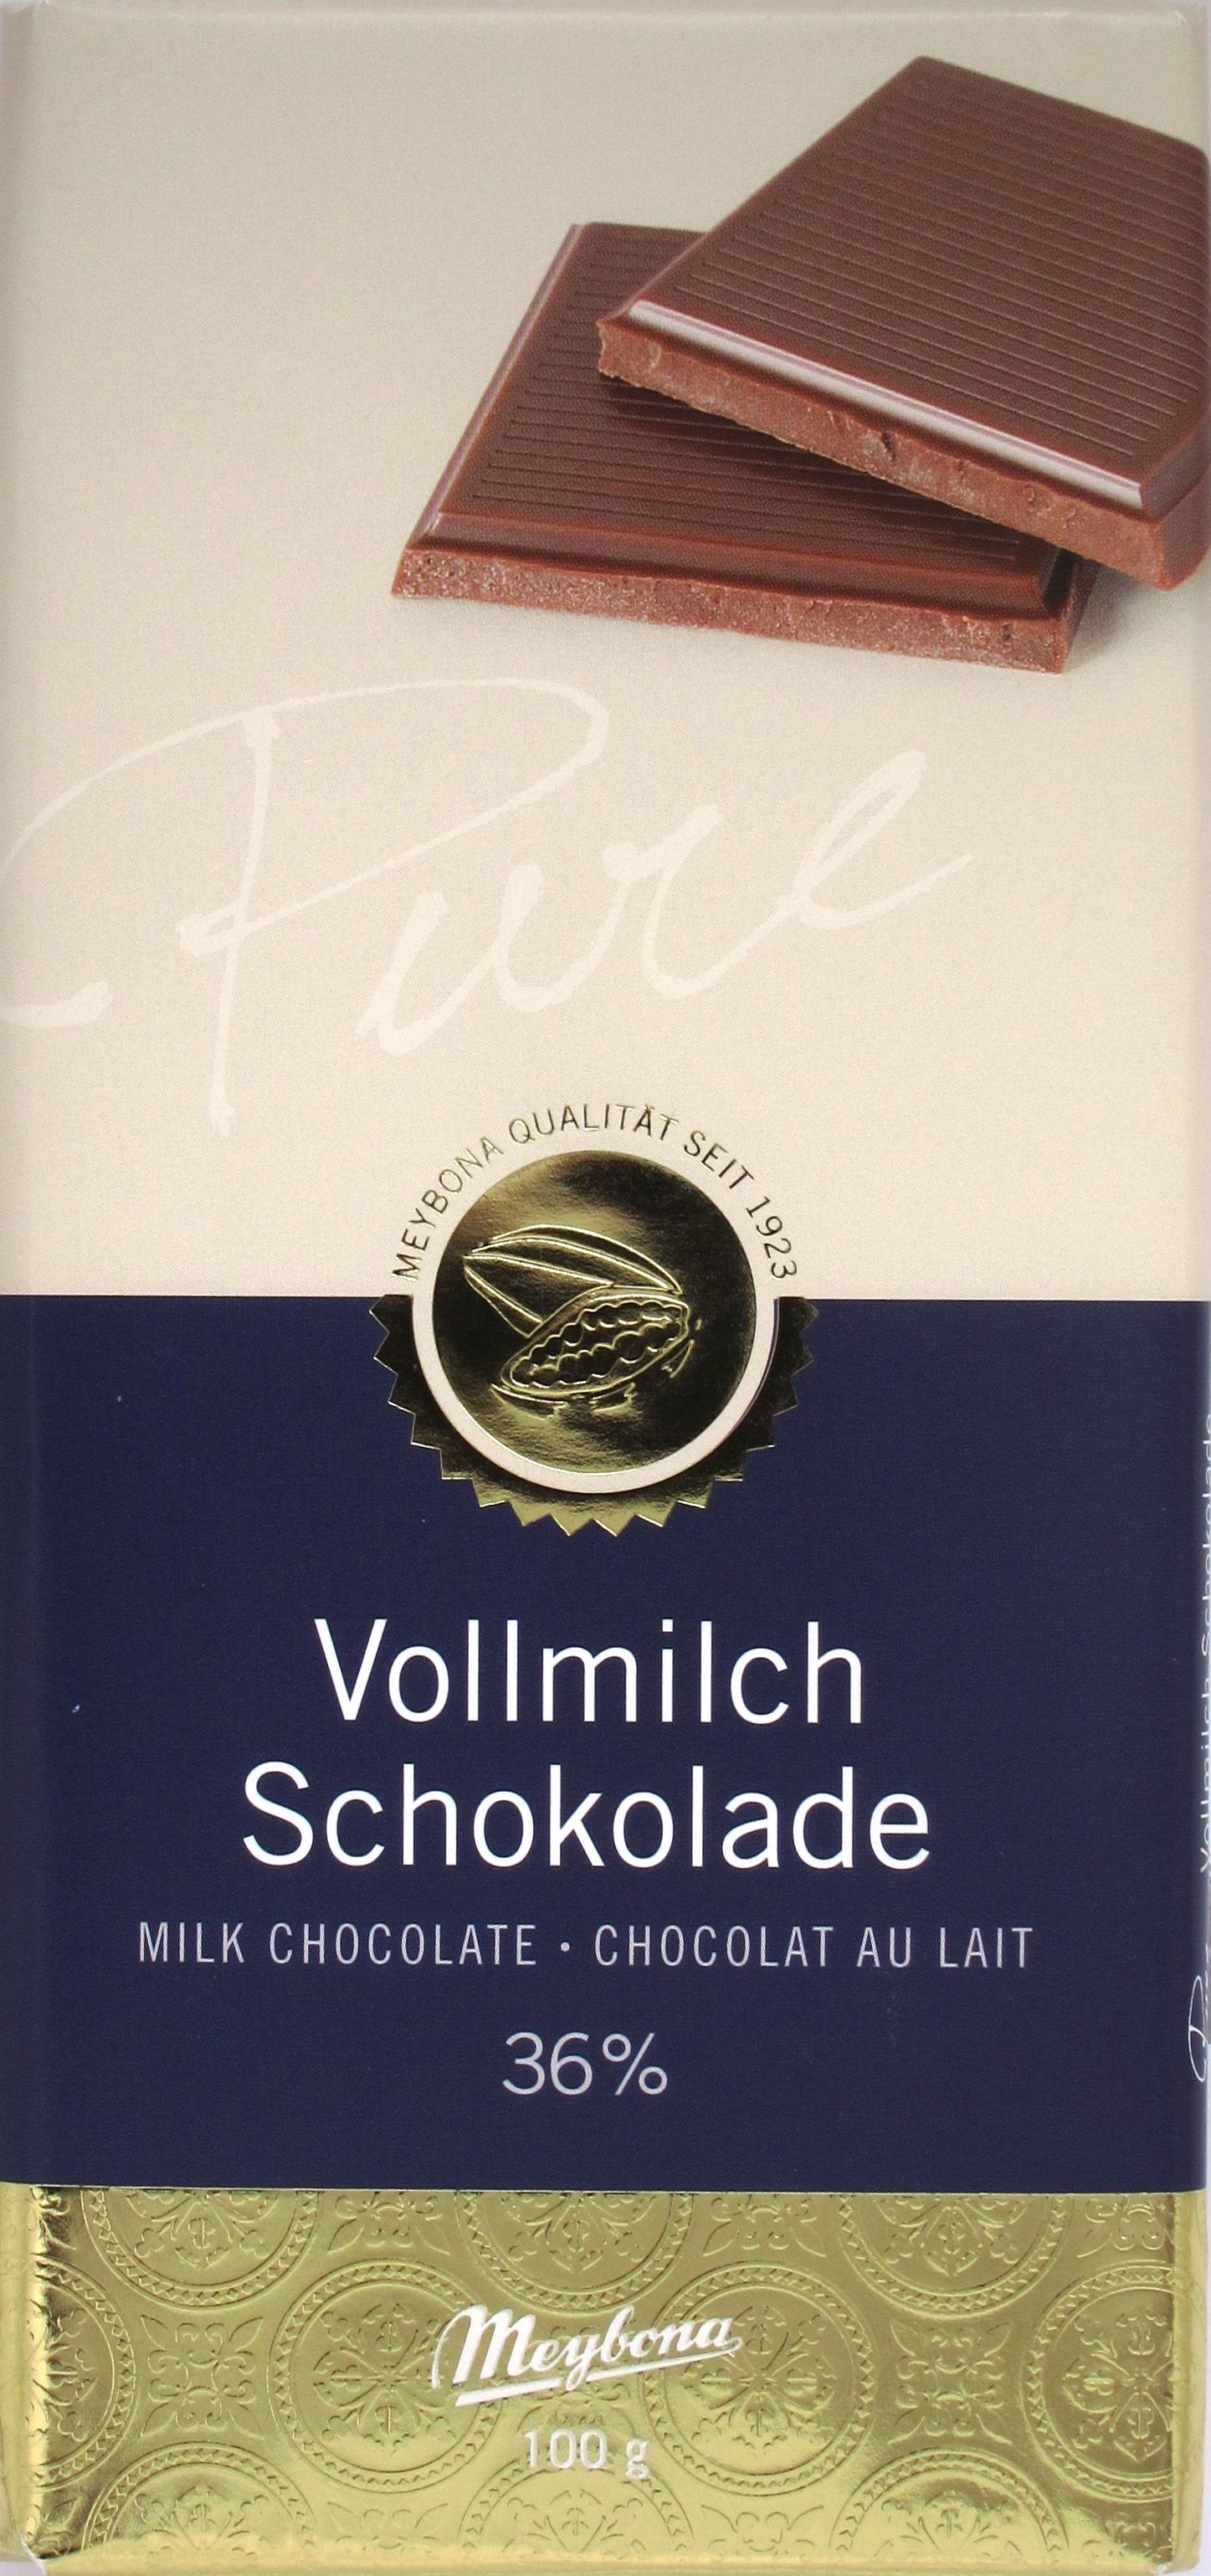 Meybona Vollmilch Schokolade 36% - Vorderseite